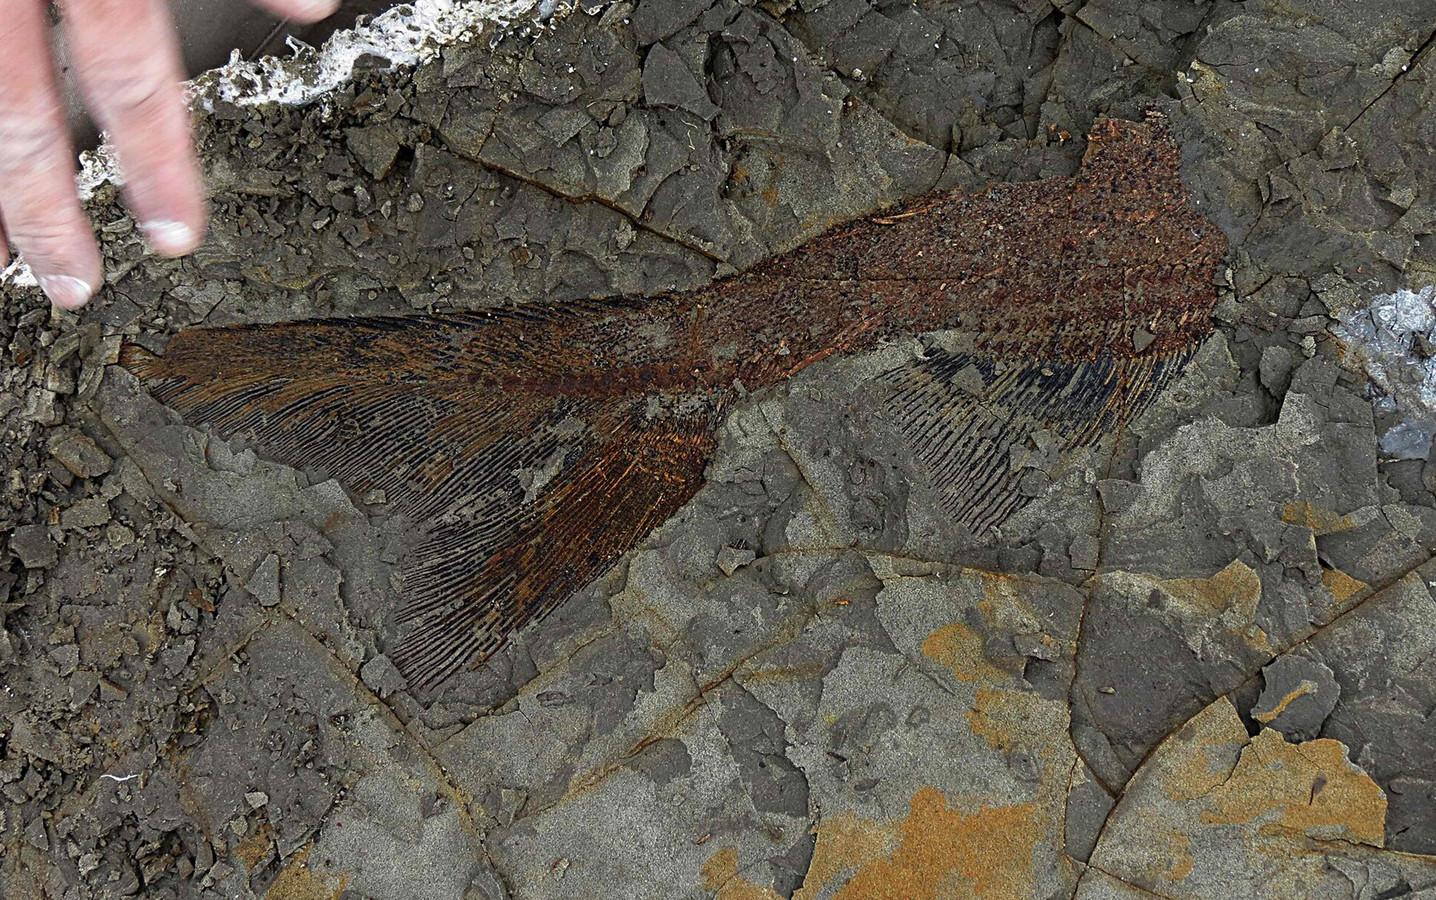 Onderzoekers vonden onder meer fossielen van vissen die op de dag van de meteorieteninslag het lieven lieten.